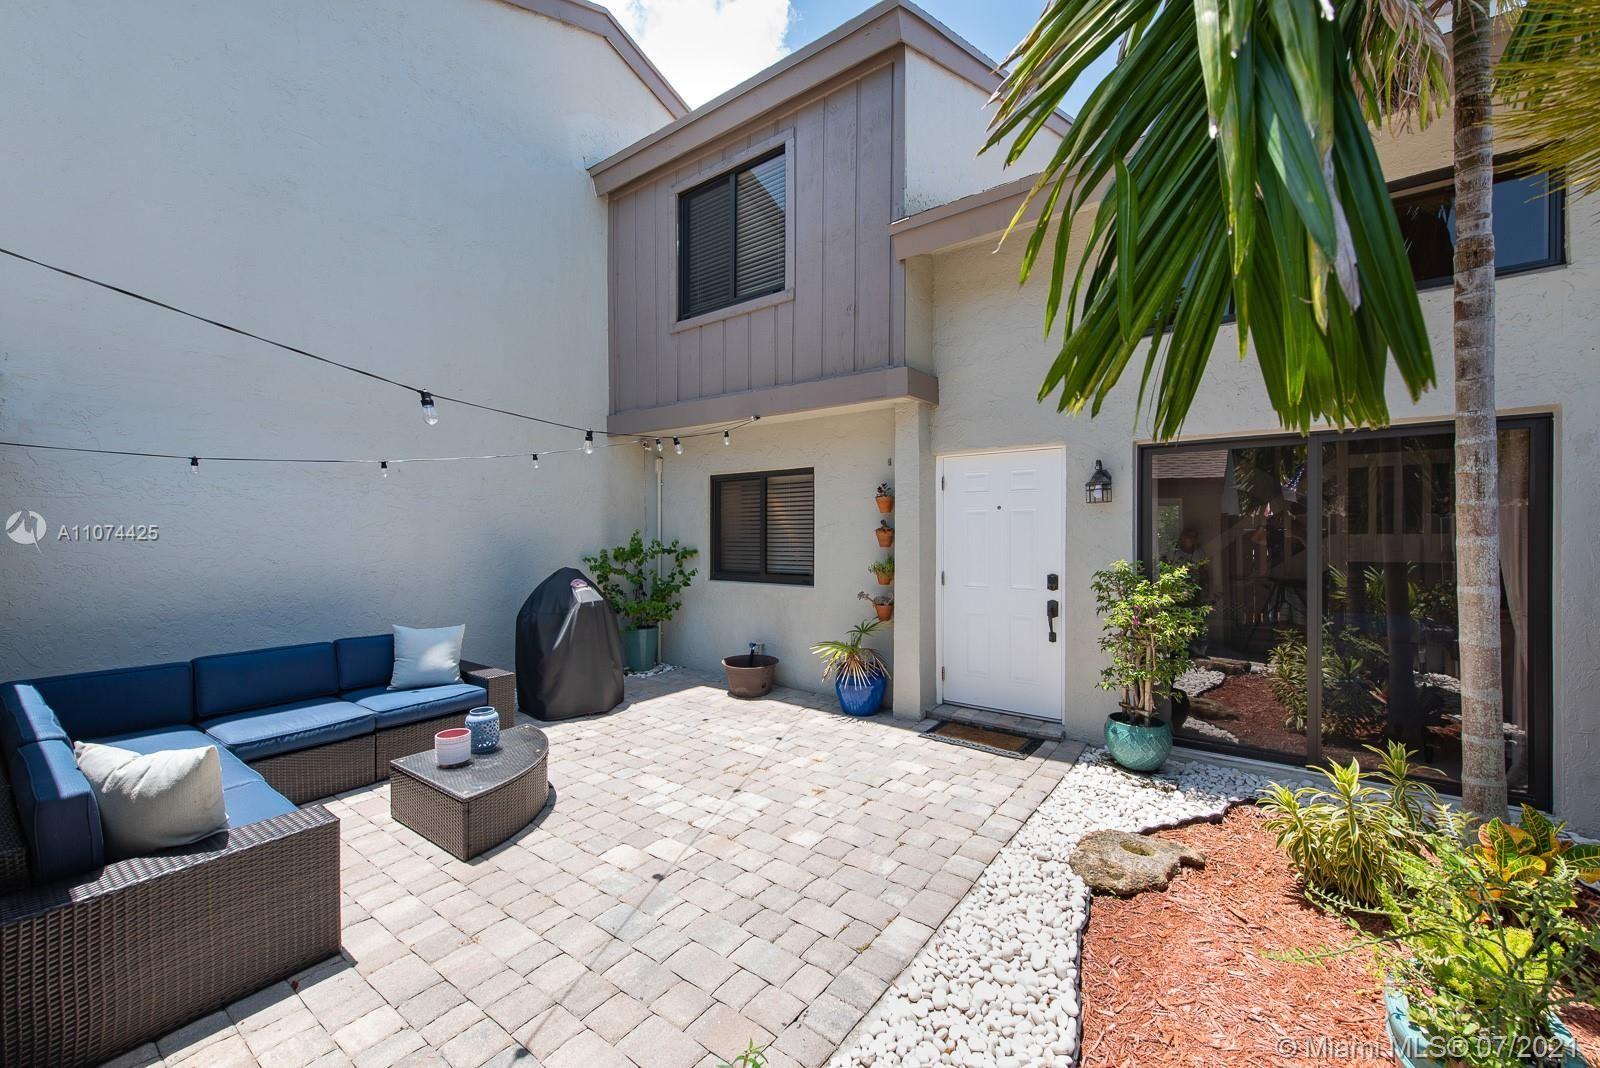 10576 SW 112th Ave, Miami, FL 33176 - #: A11074425